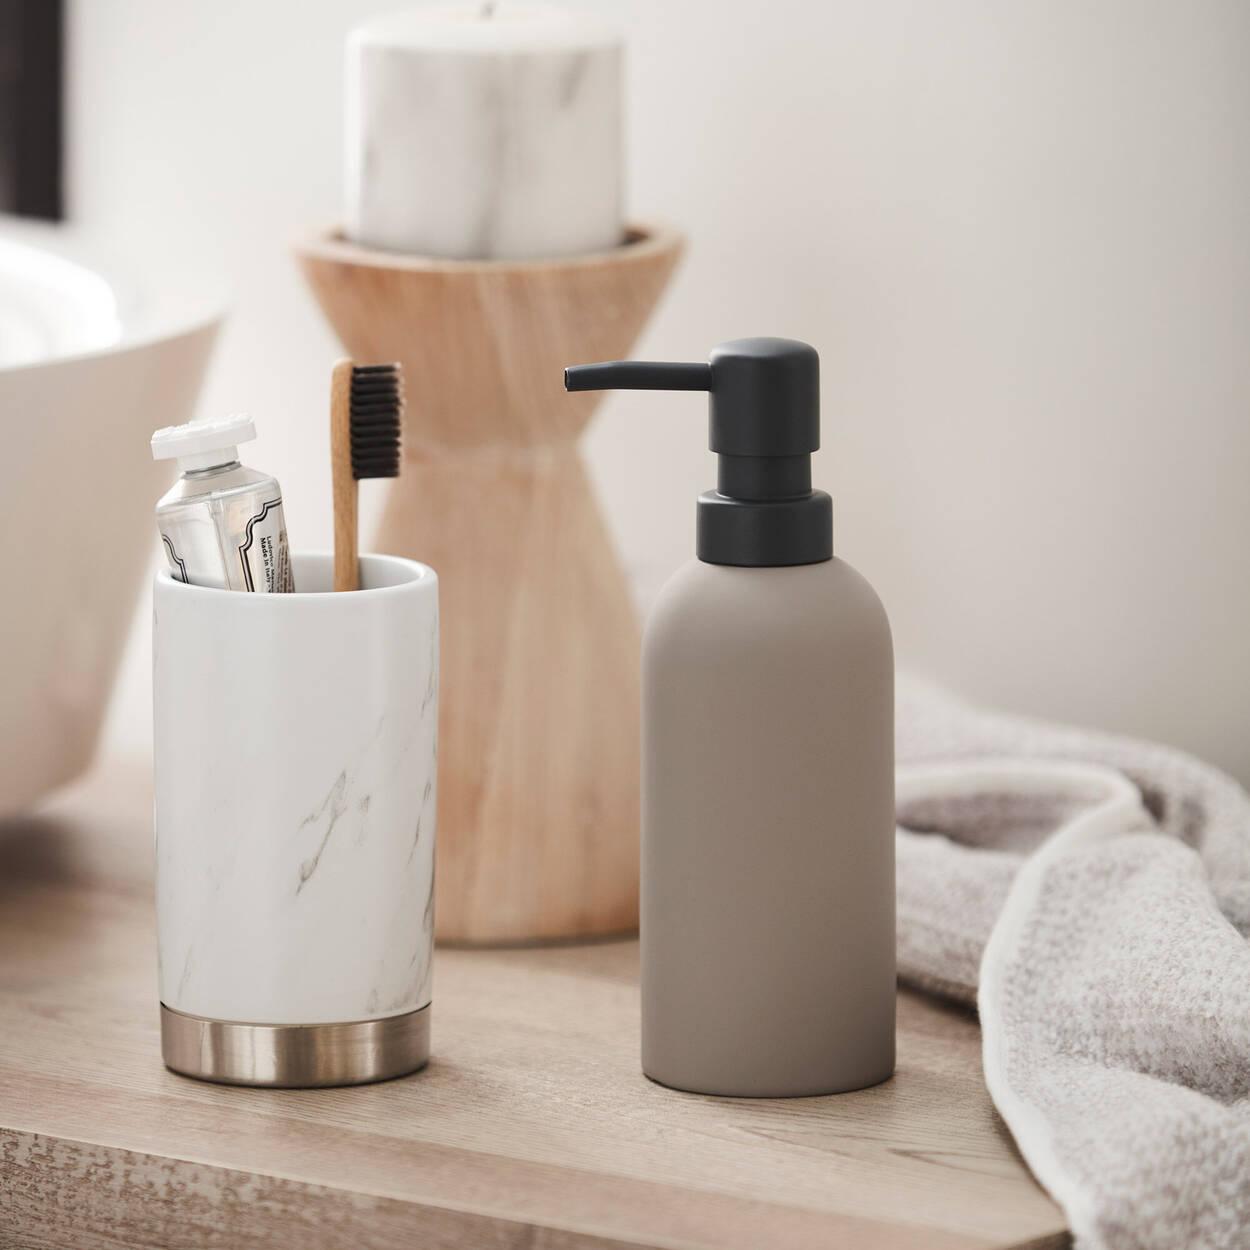 Distributeur de savon avec fini en caoutchouc